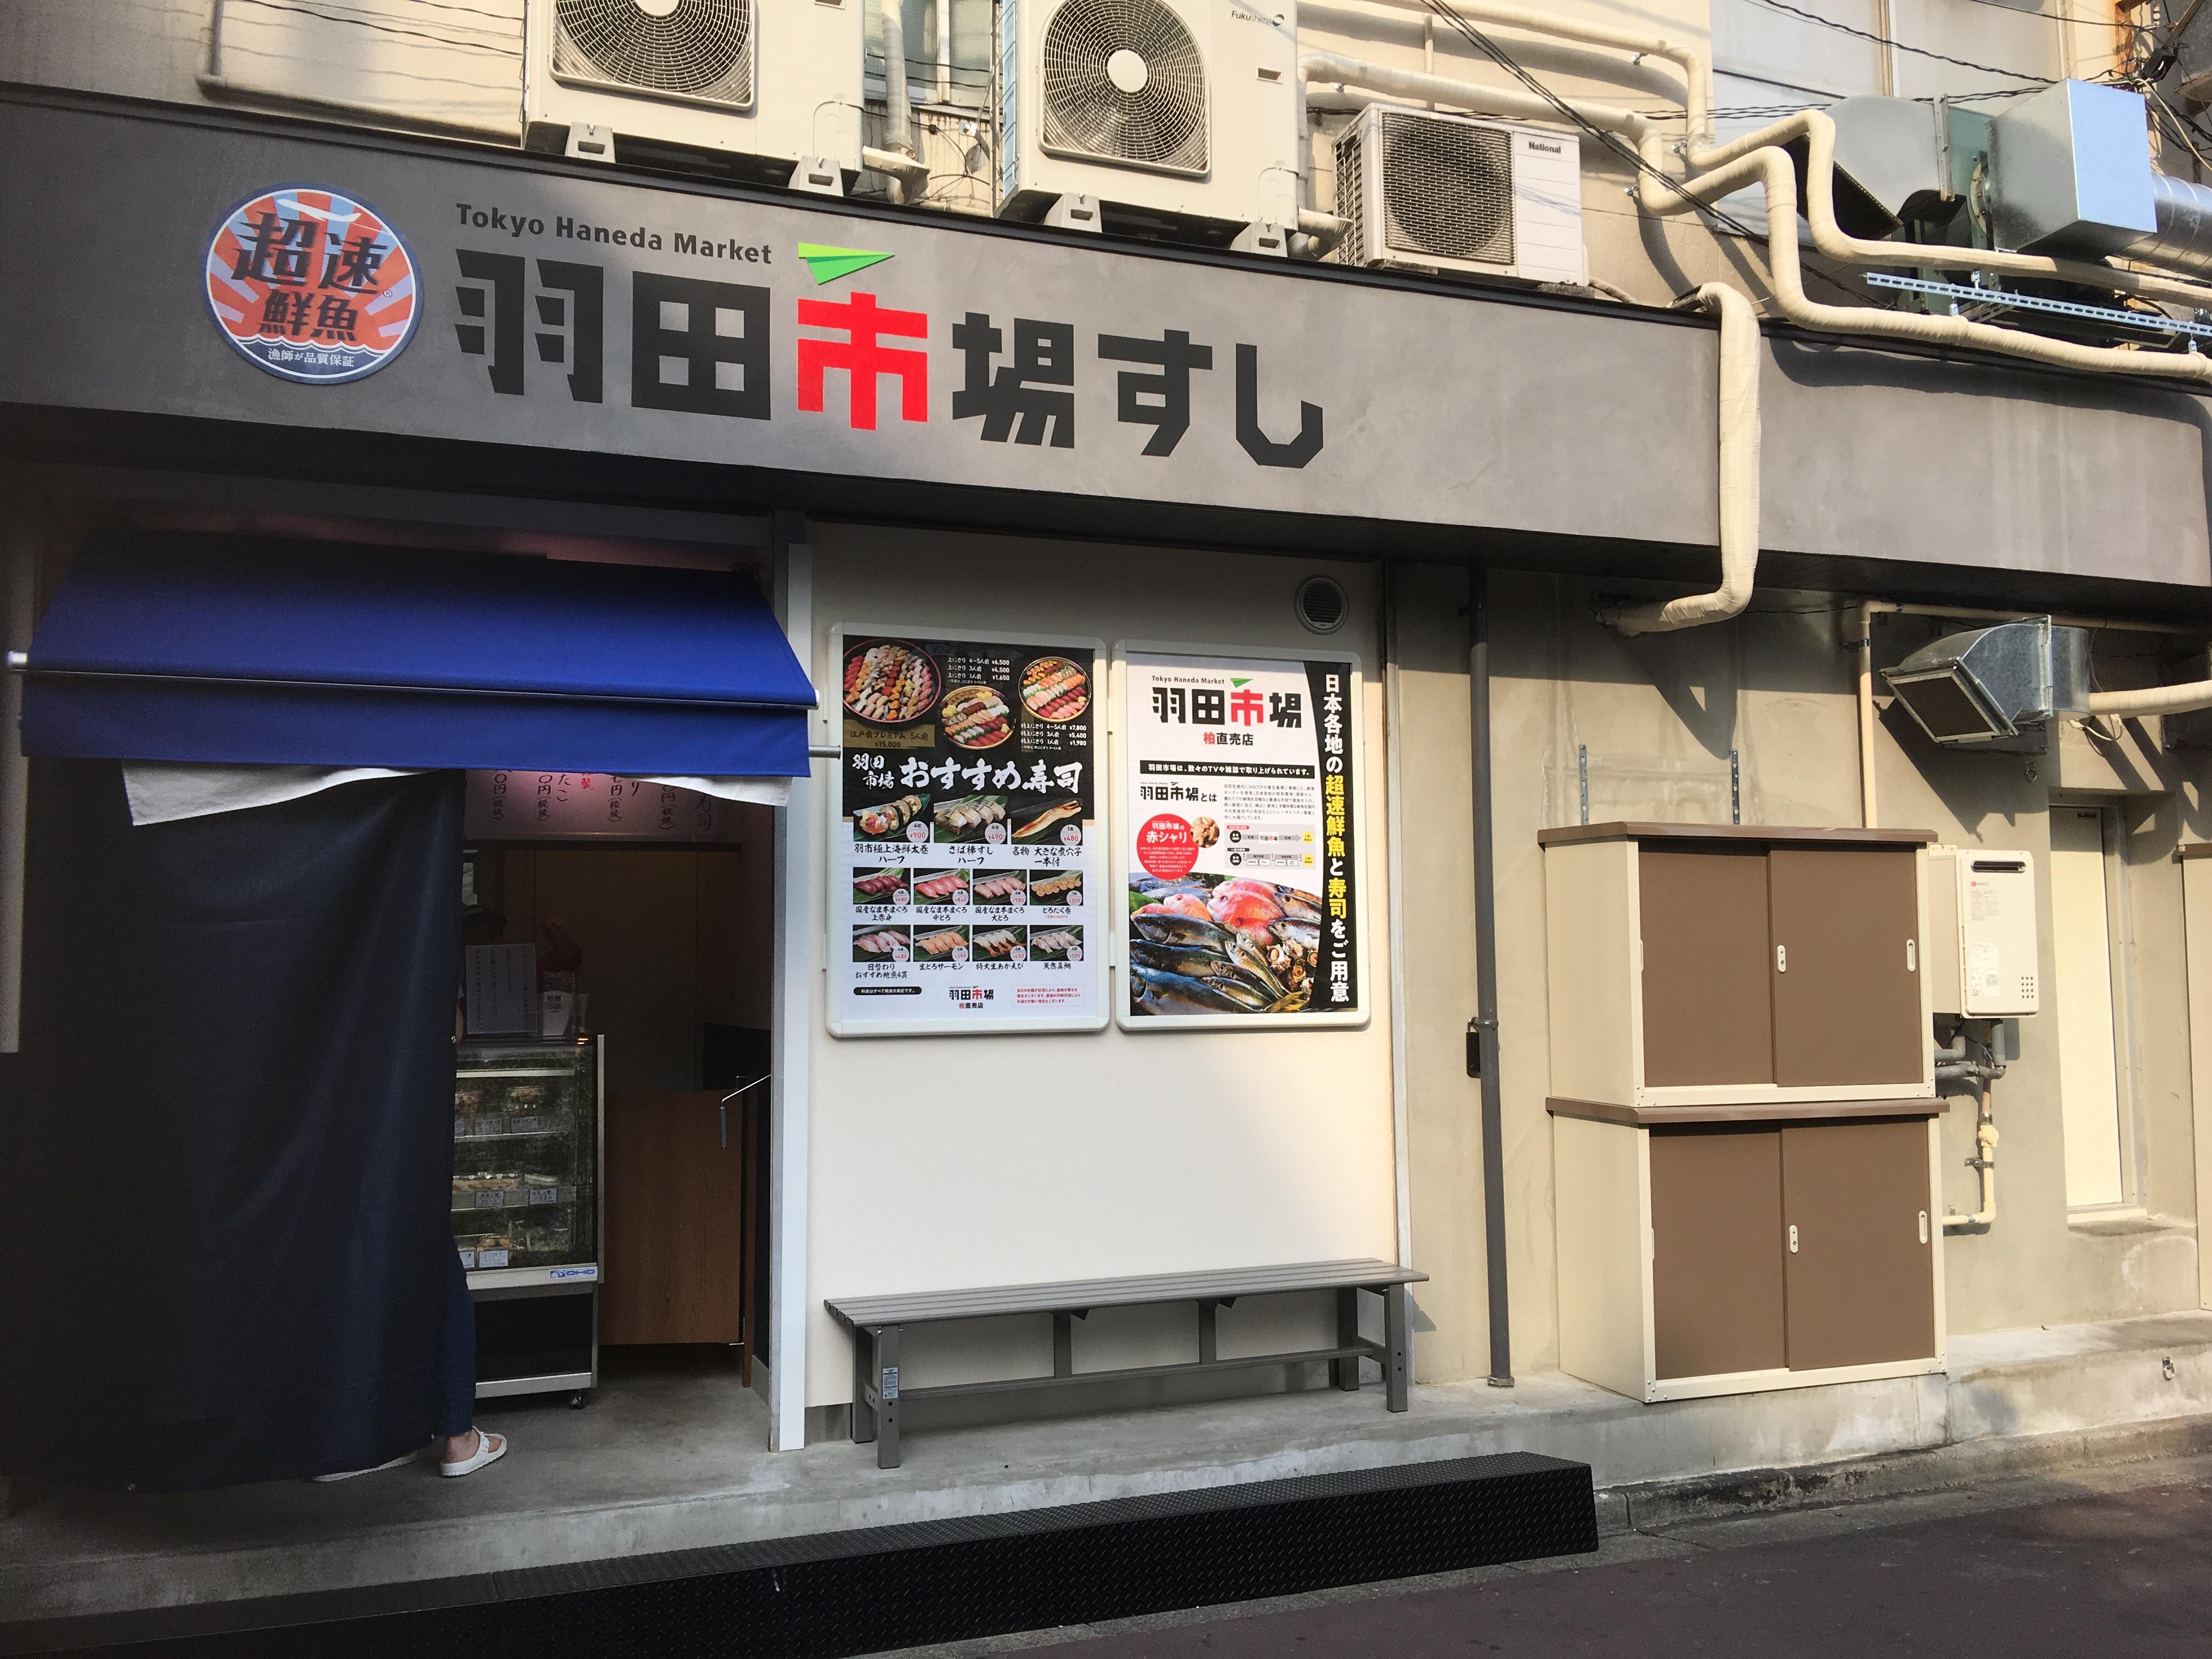 羽田市場すしの外観